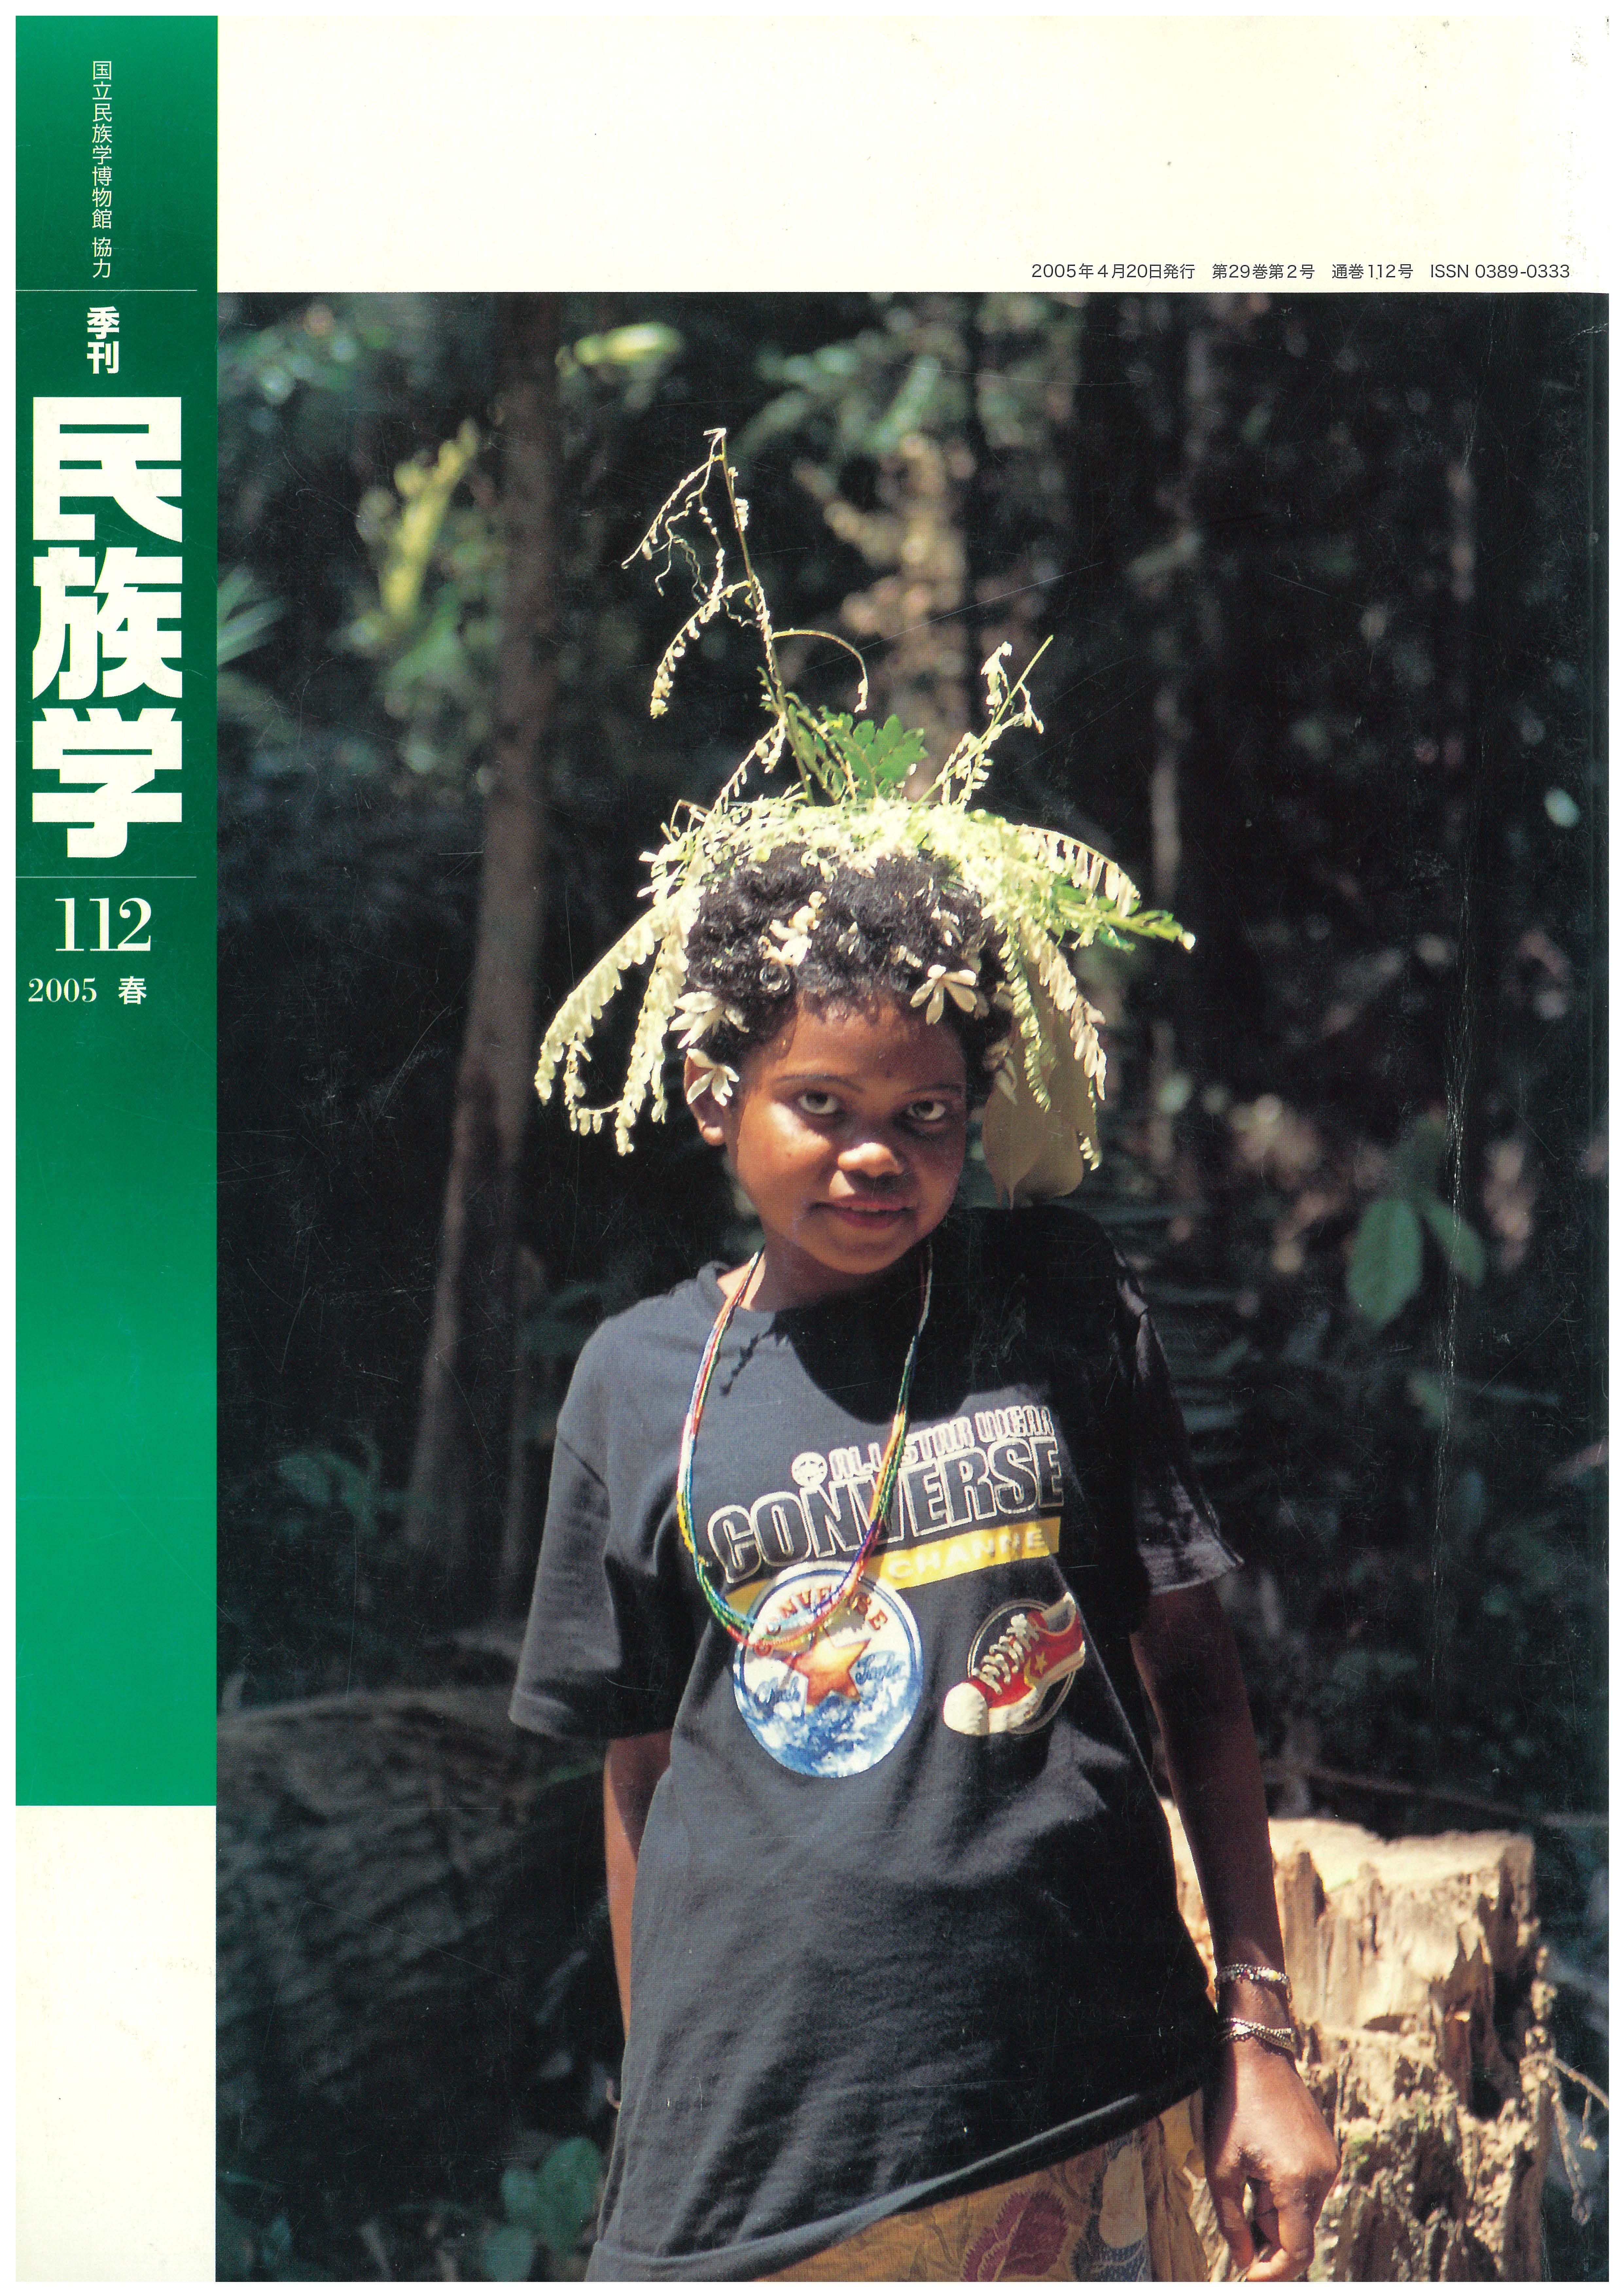 112号 2005年 春